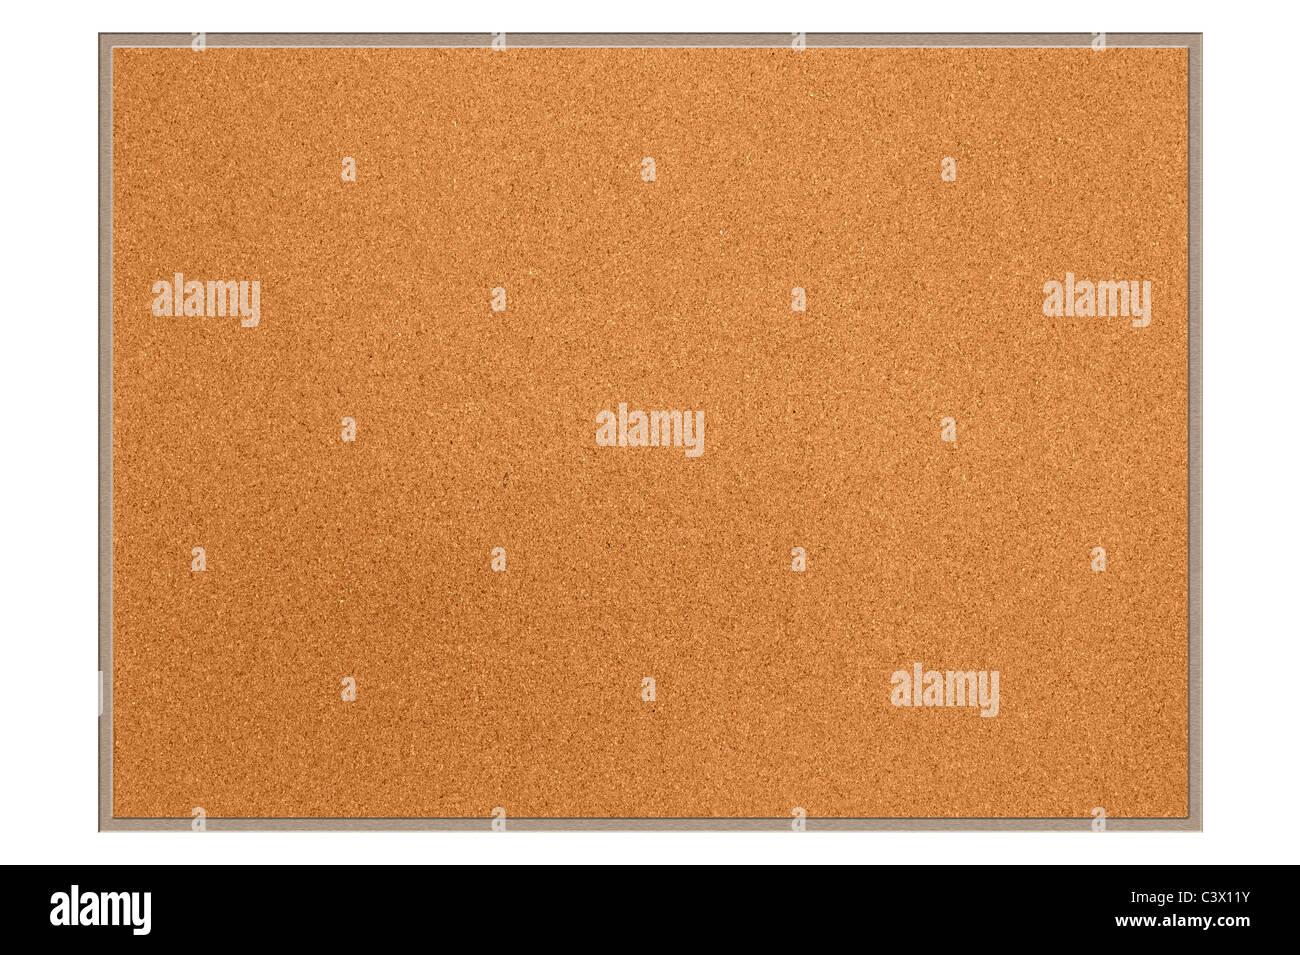 Un nouveau panneau de liège pour une utilisation en l'état ou pour les concepteurs de placer ou de Photo Stock